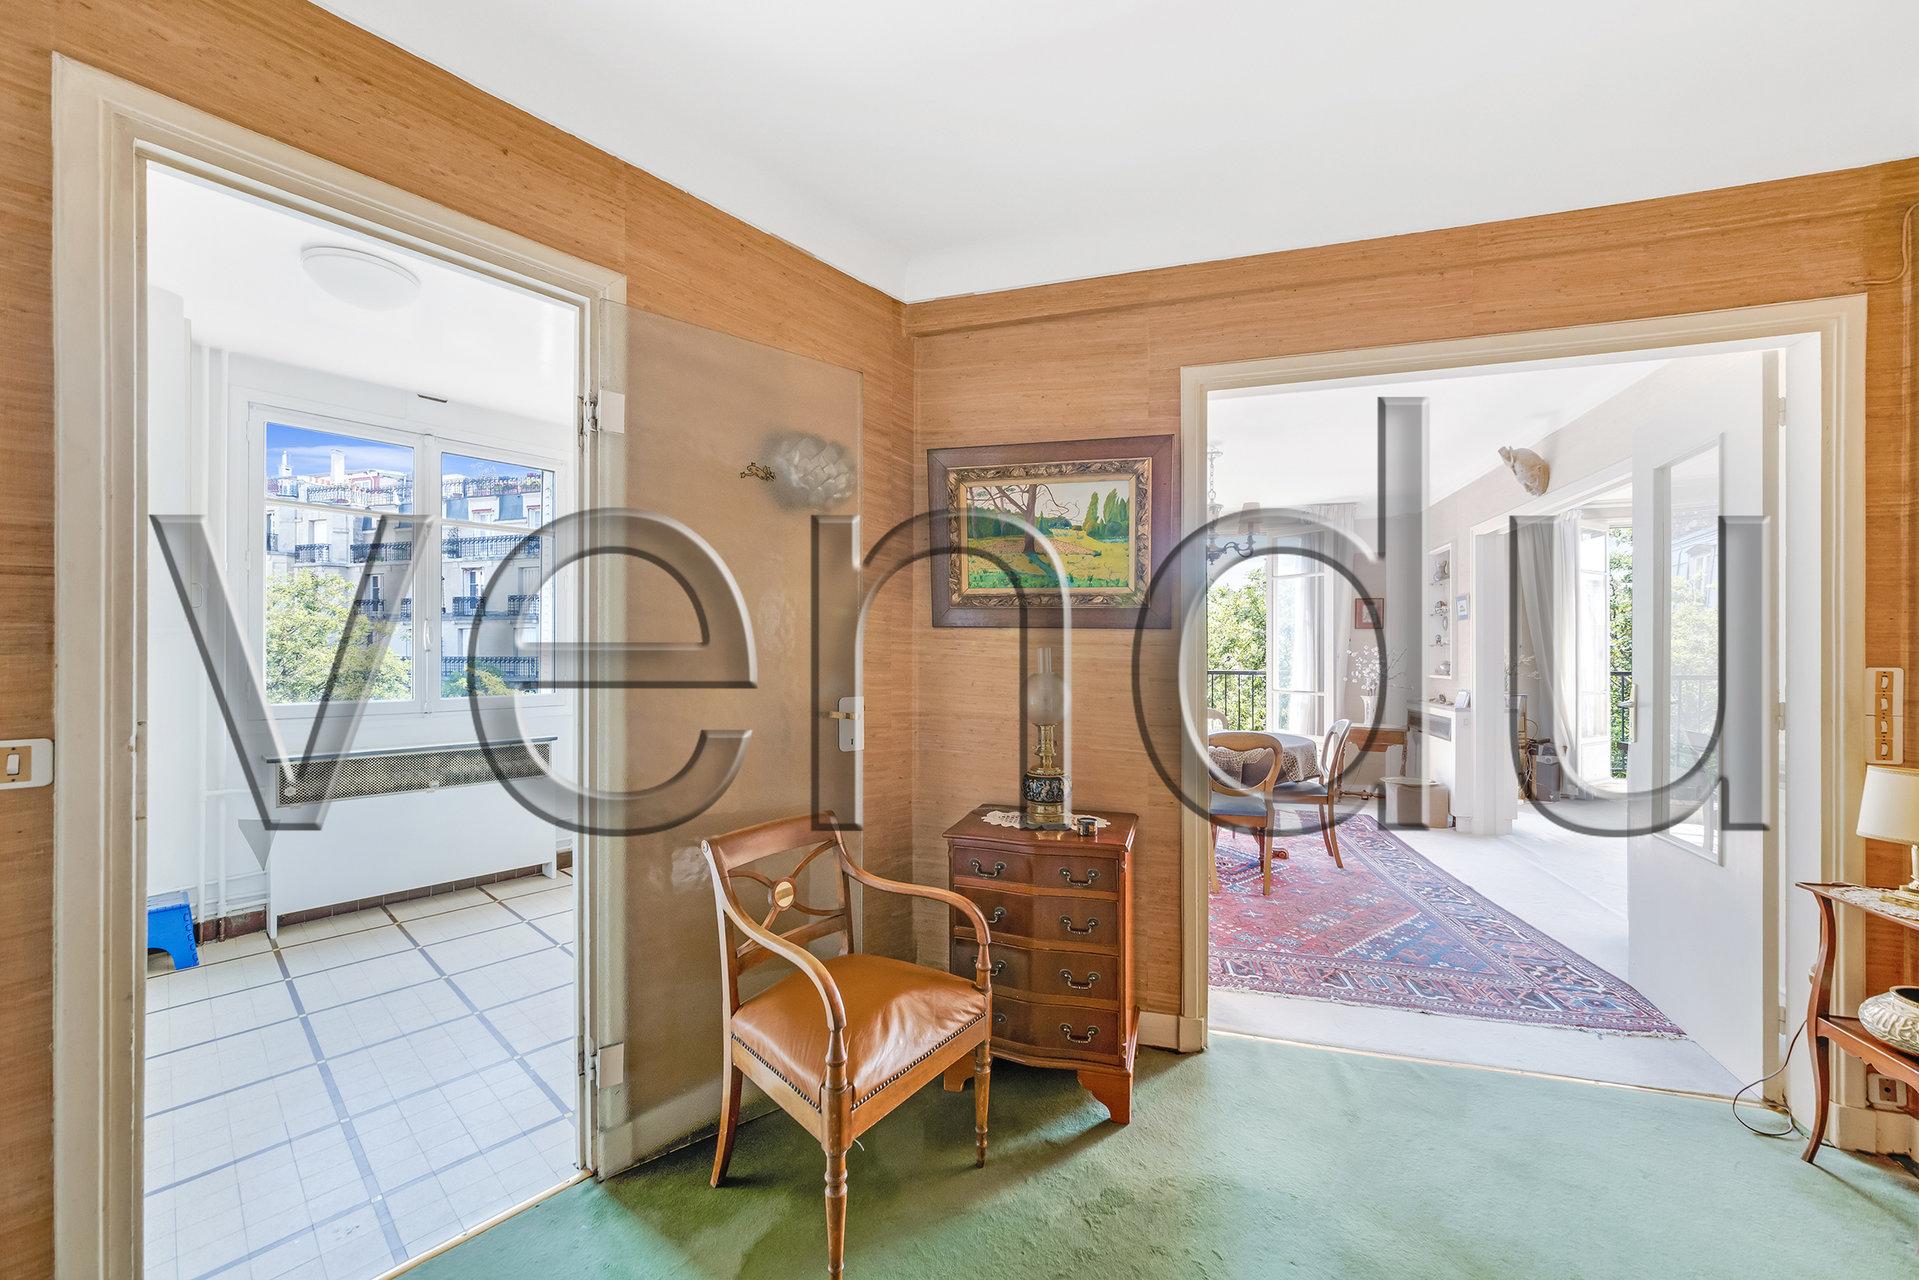 Magnifique appartement familial ensoleillé rue Caulaincourt